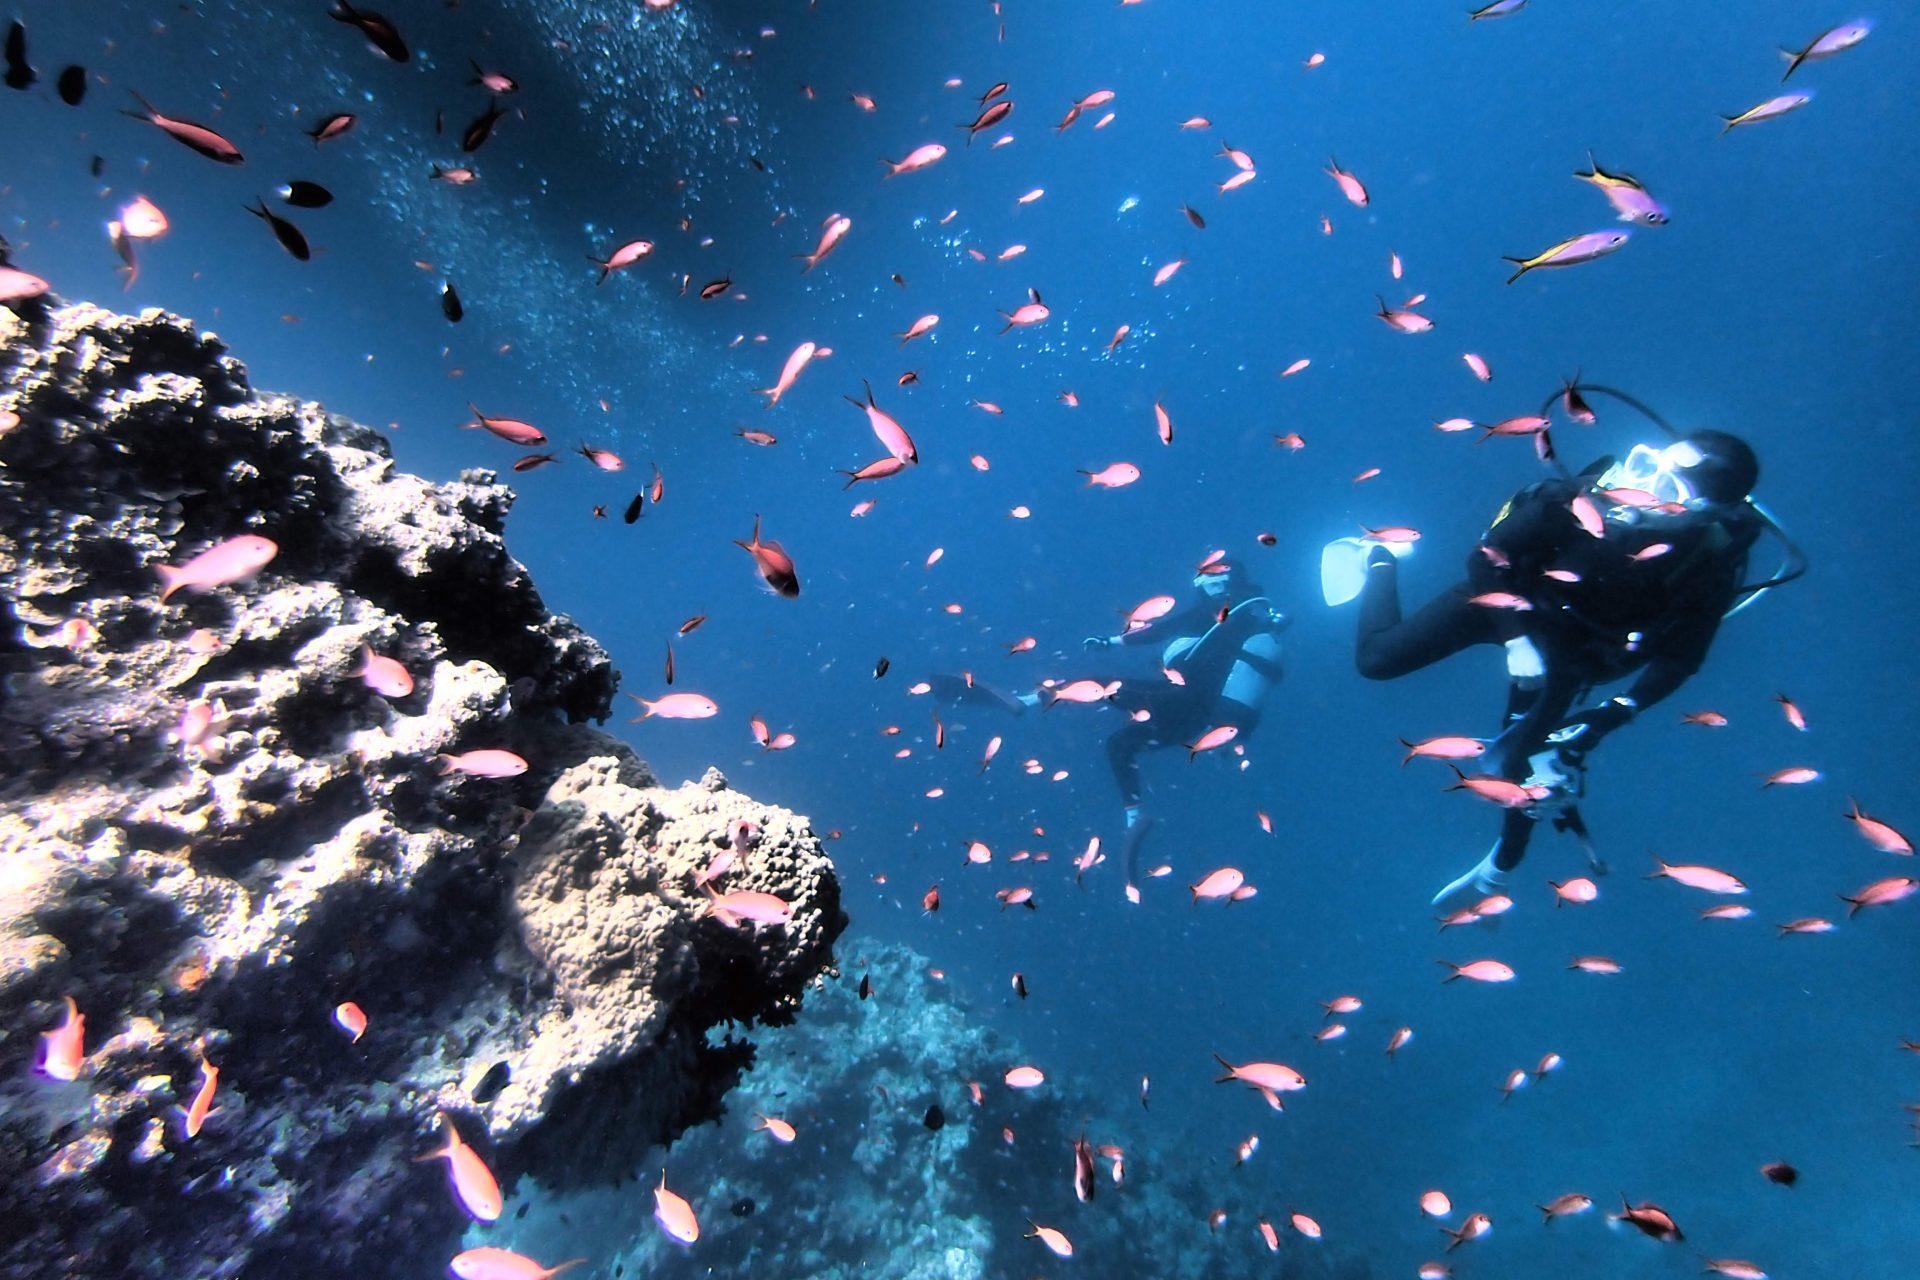 ダイビング 石垣島 マリンスポーツ 沖縄 アクティビティ